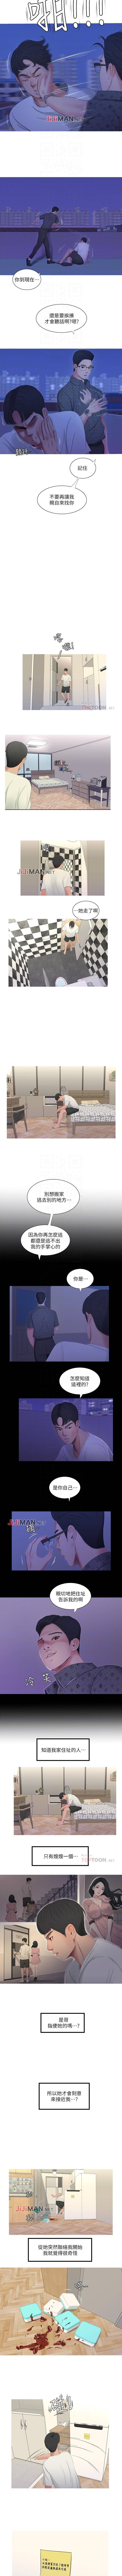 【周四连载】亲家四姐妹(作者:愛摸) 第1~27话 55